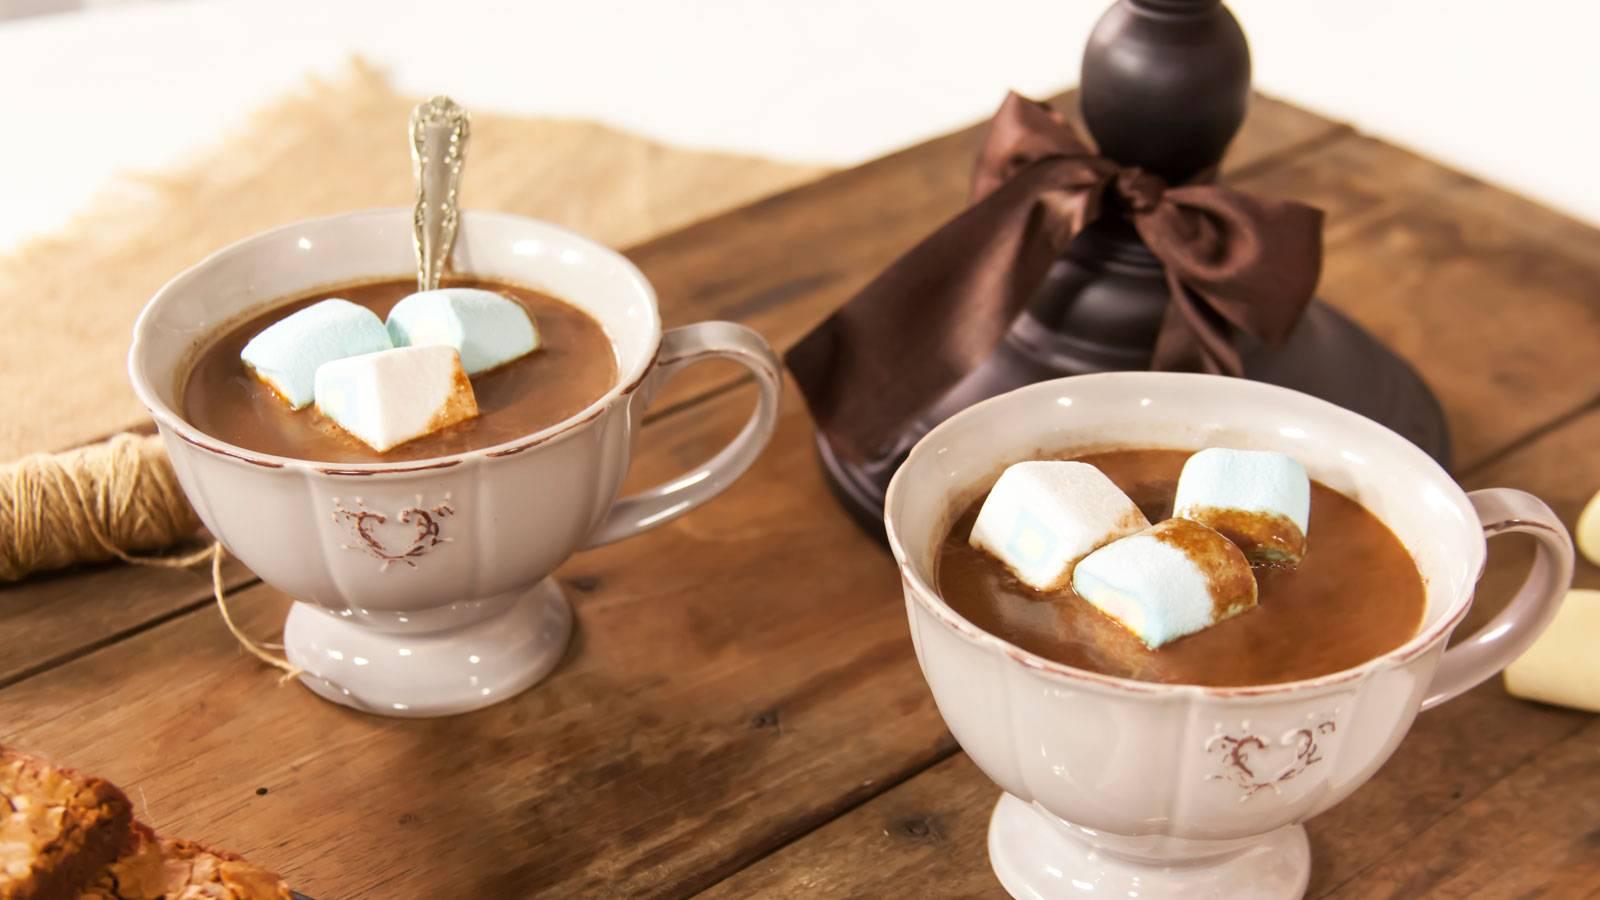 Горячий шоколад «эверест»: рецепты, необходимые ингредиенты, как приготовить